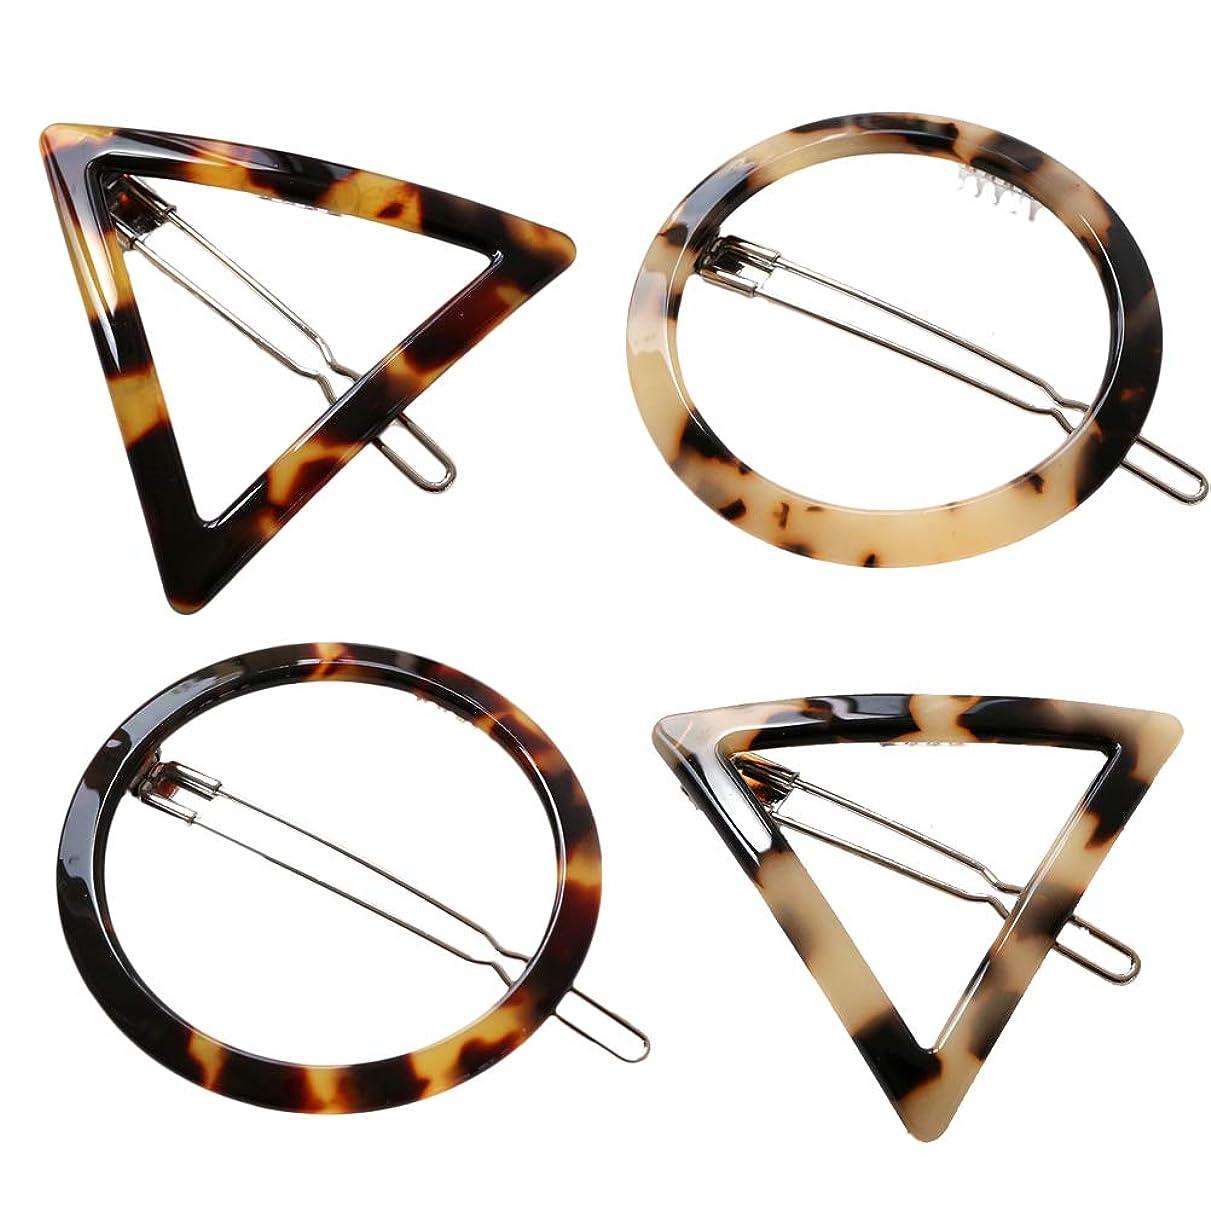 医療の無効にする前投薬LURROSE 4本のアクリルのヘアクリップ幾何学的なヘアピンバングクリップ三角の丸いヒョウの髪飾り(丸型ダークヒョウ、丸型の光ヒョウ、三角型の光ヒョウ、各1個)